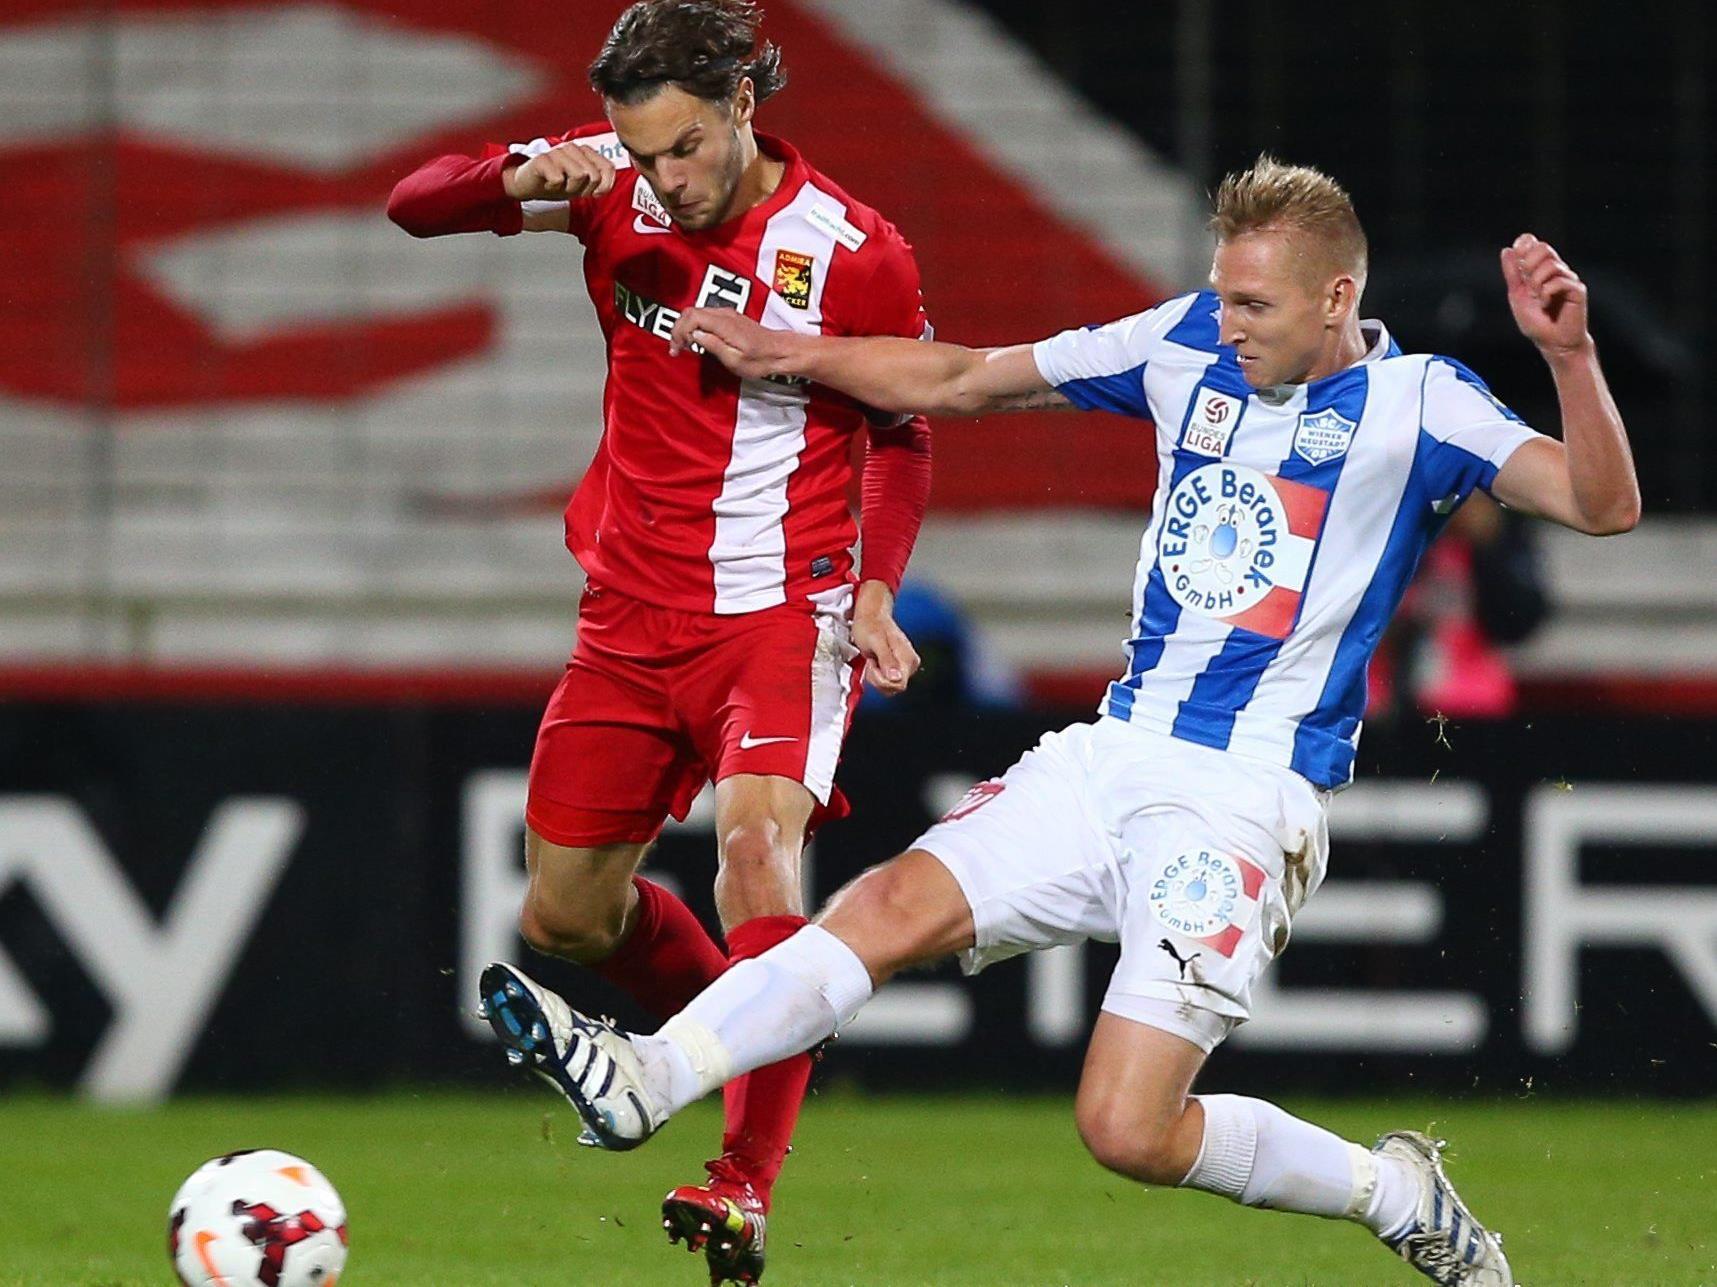 LIVE-Ticker zum Spiel SC Wiener Neustadt gegen FC Admira Wacker Mödling ab 18.30 Uhr.